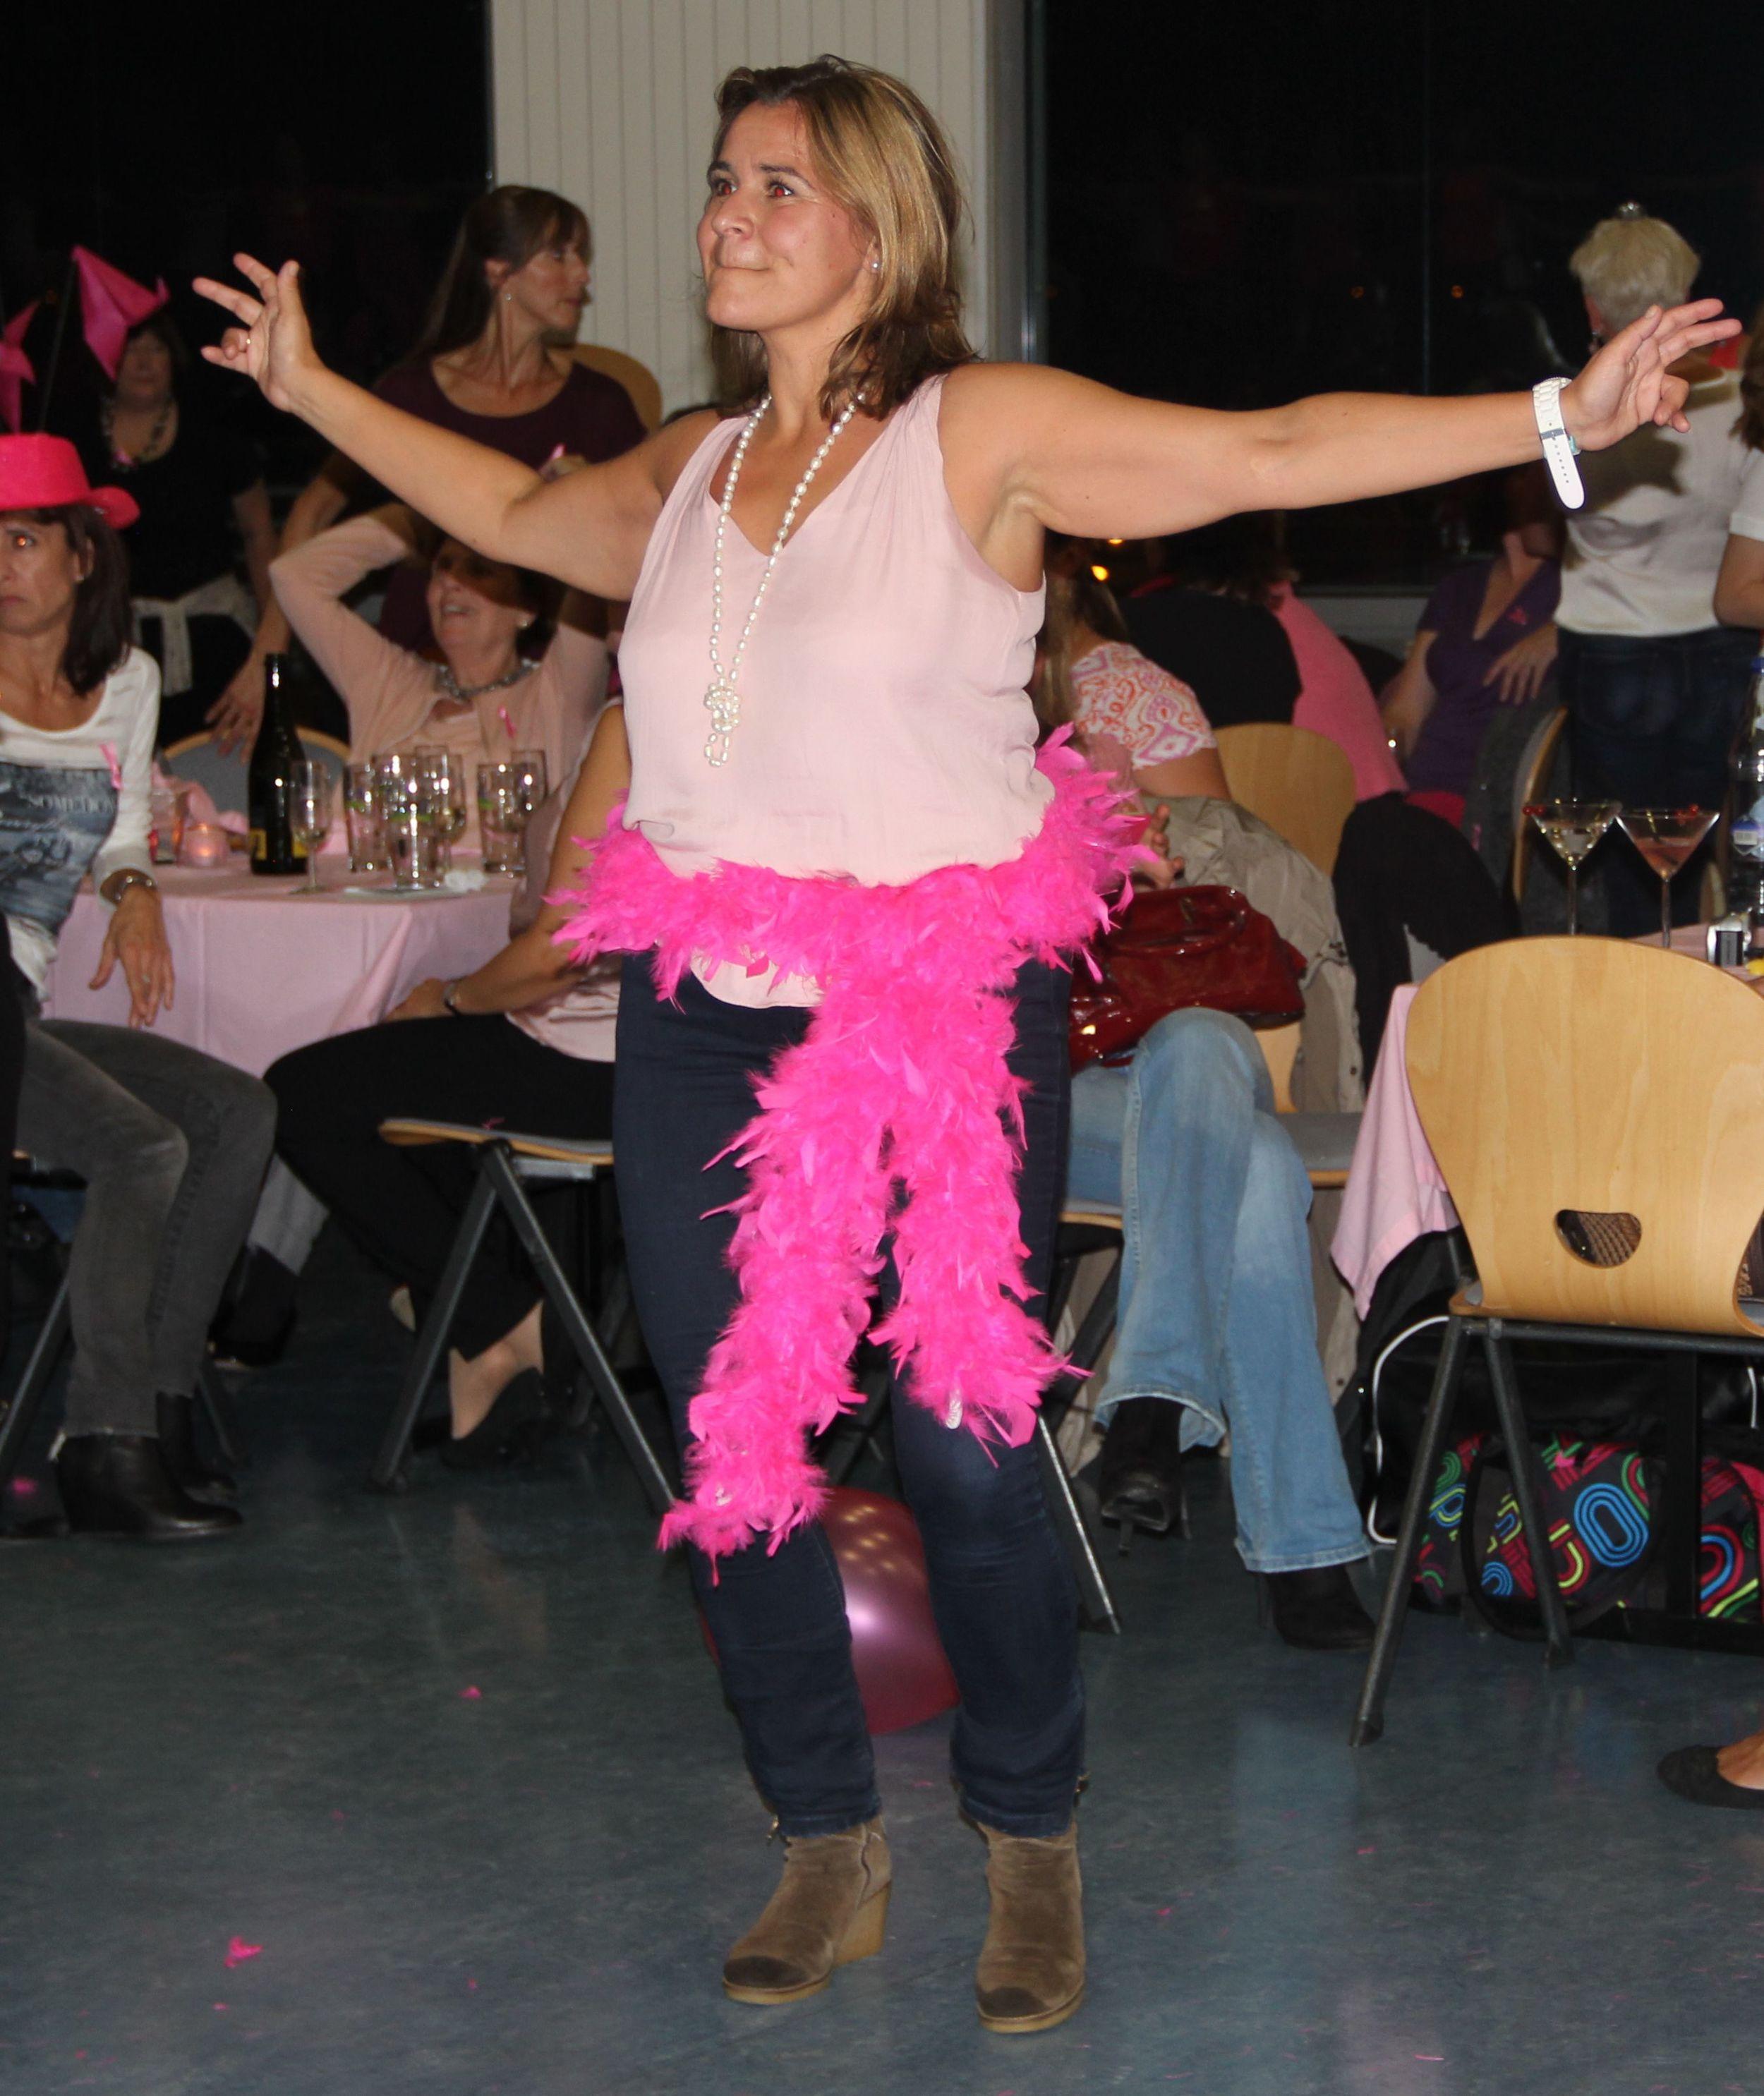 pink boa lady